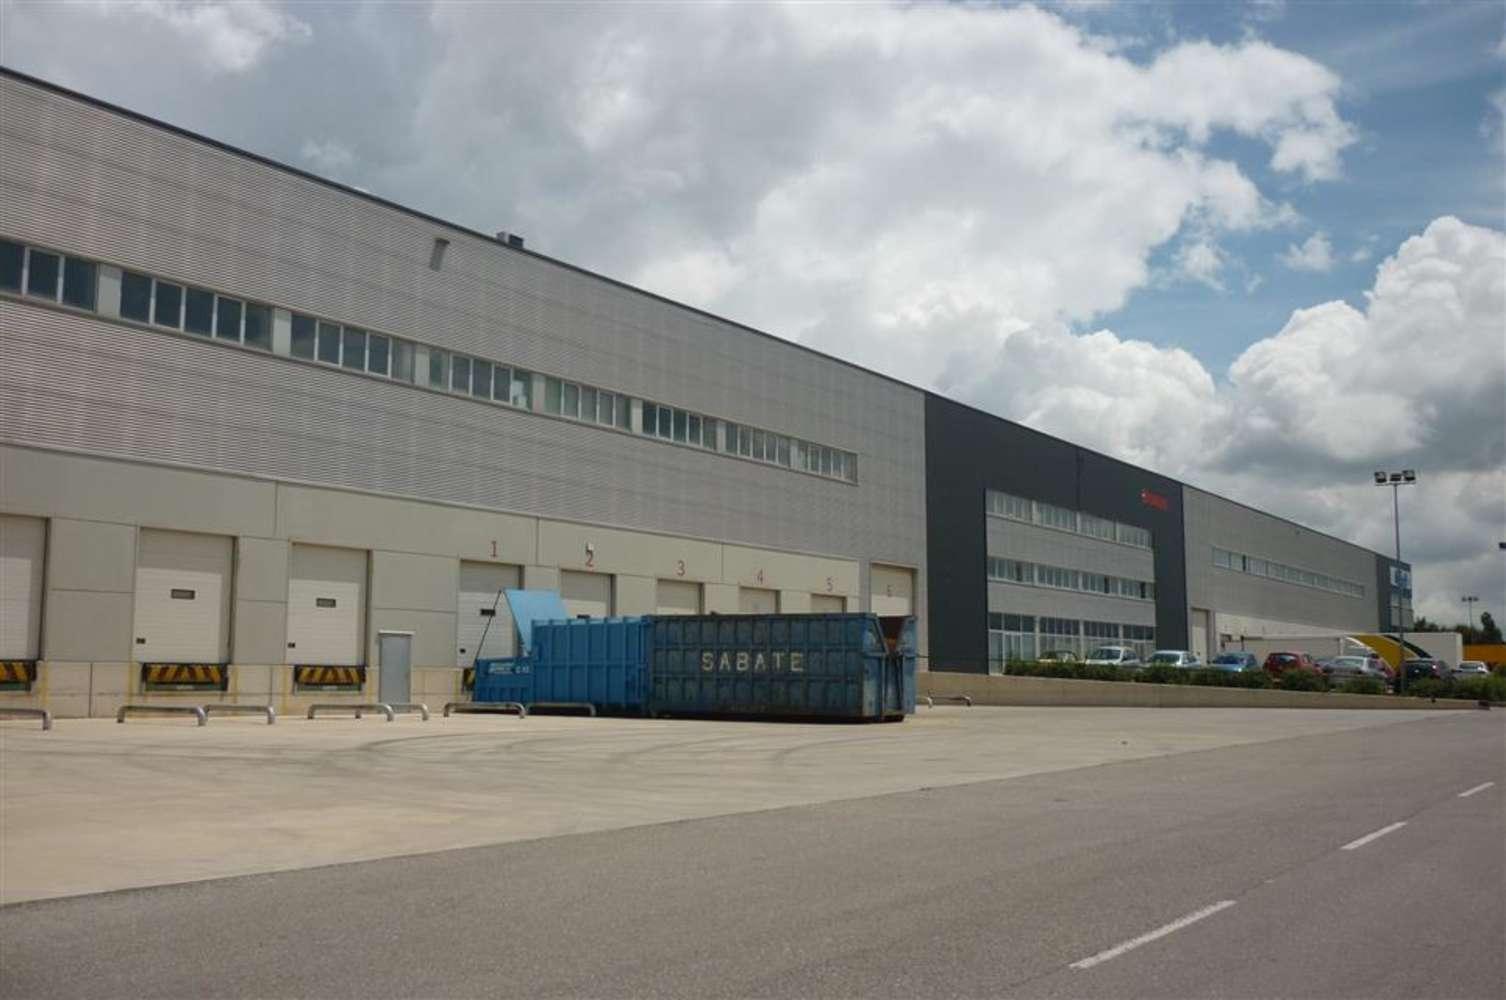 Naves industriales y logísticas La granada, 08792 - Nave Logistica - B0099 - LOGISTIC PARK BARCELONA SUR - 7317